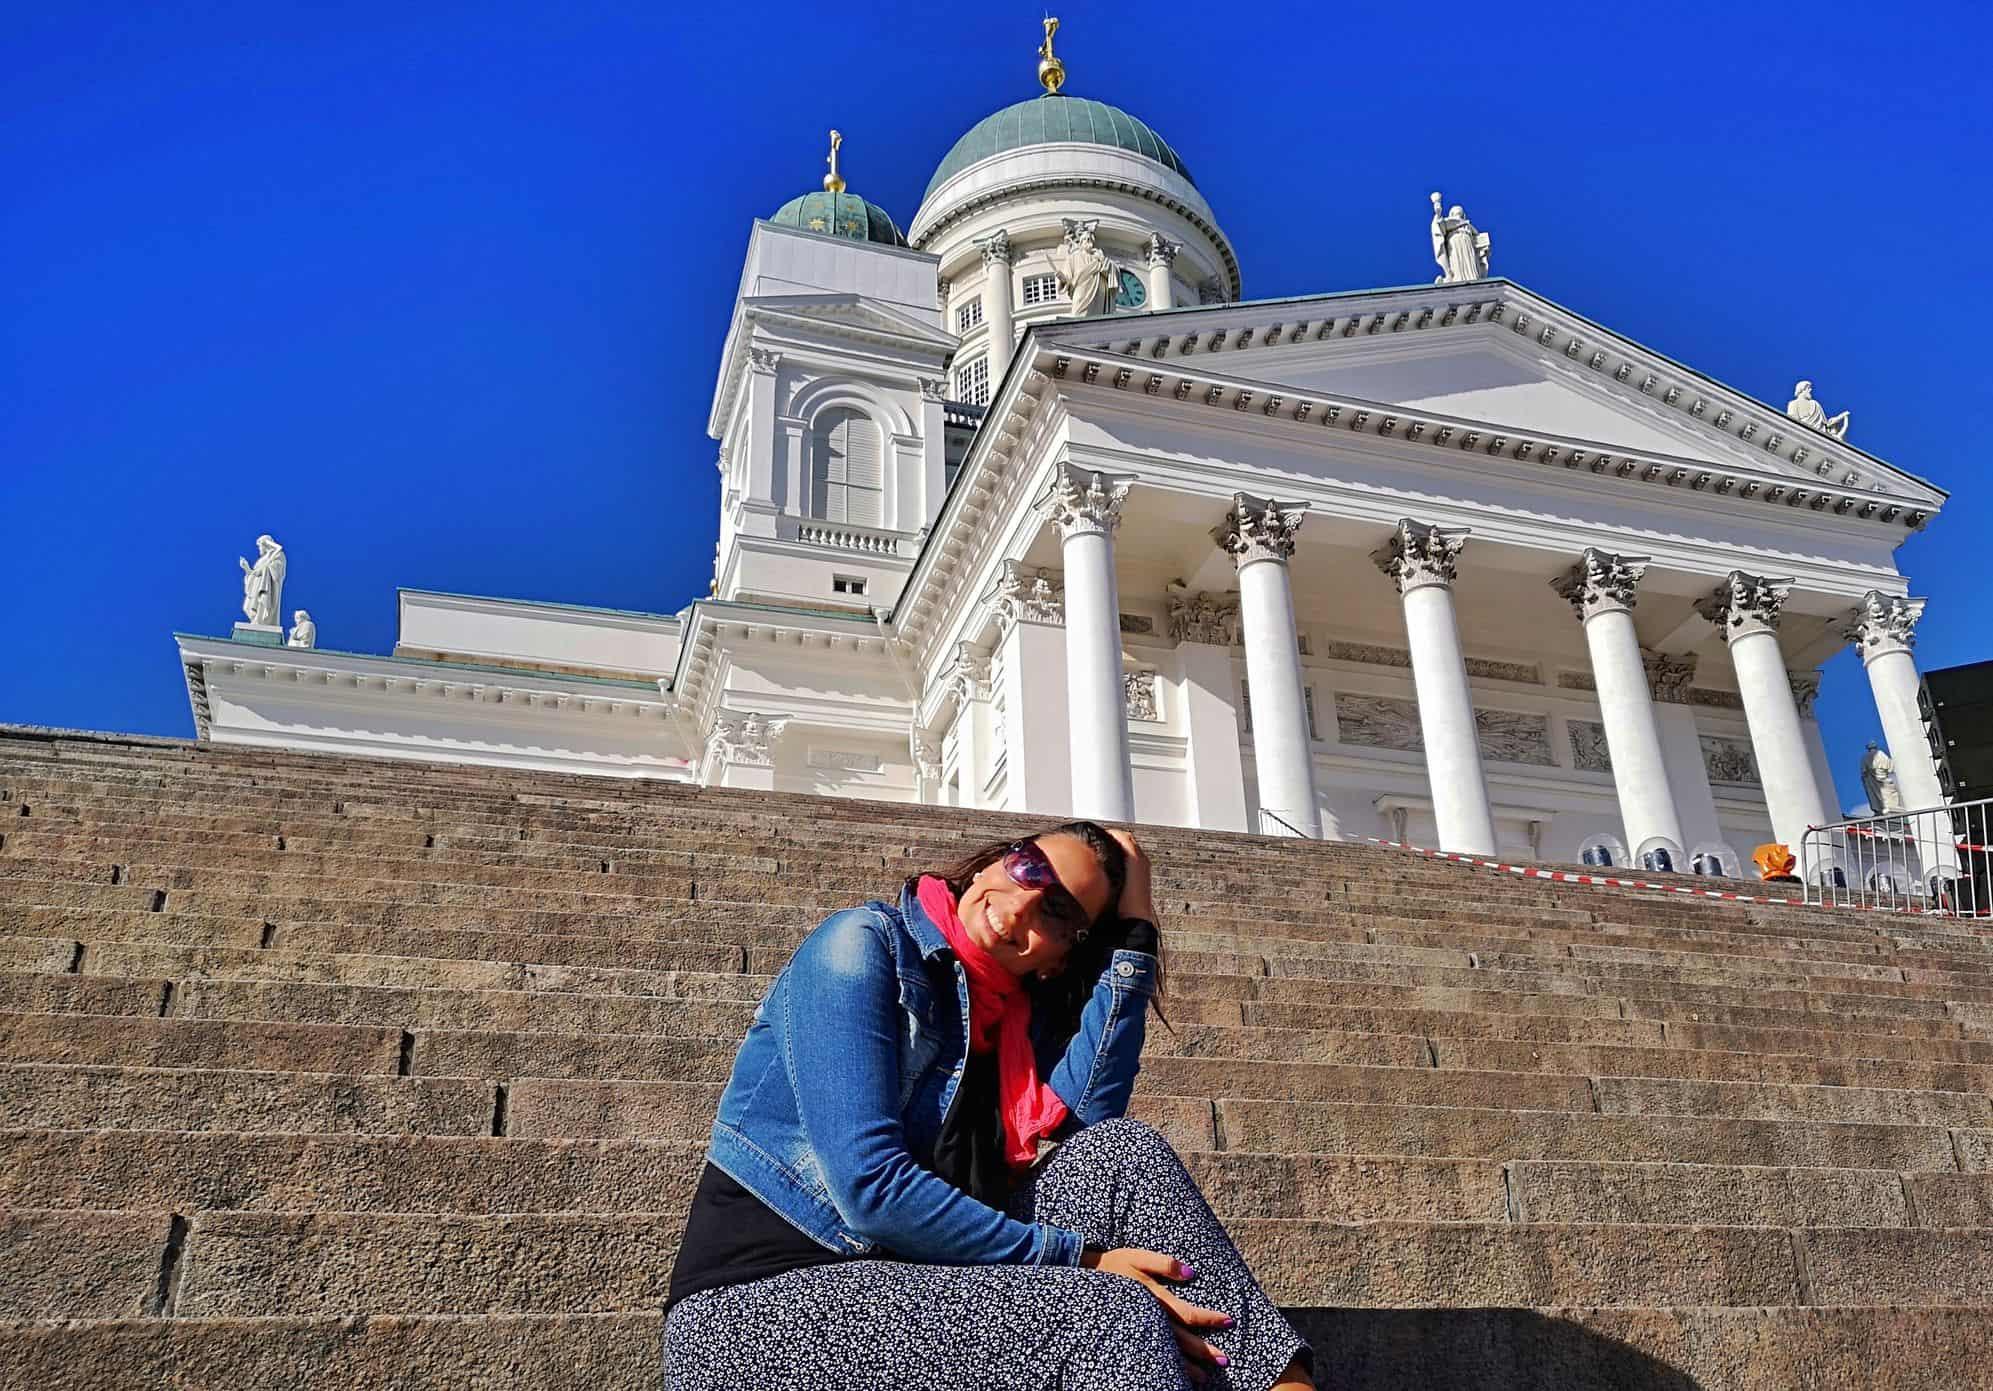 Cosa vedere a Helsinki in 2 giorni: posti più belli da visitare